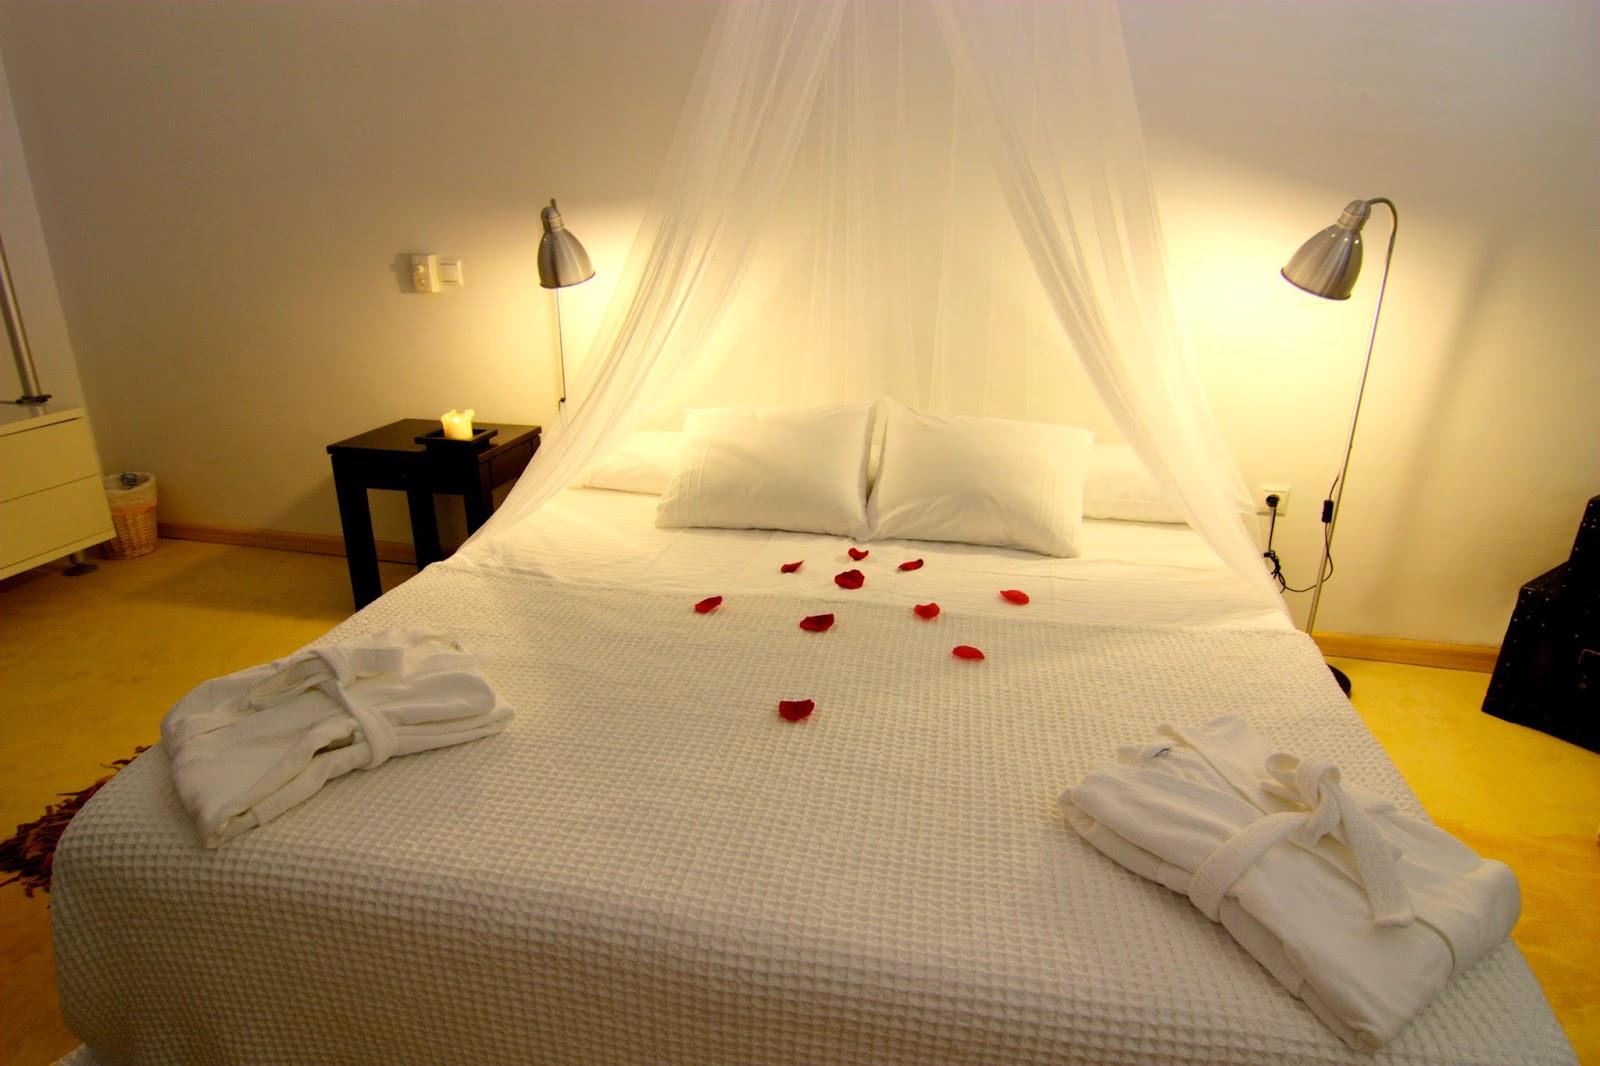 ideas para decorar la habitaci n de la noche de bodas